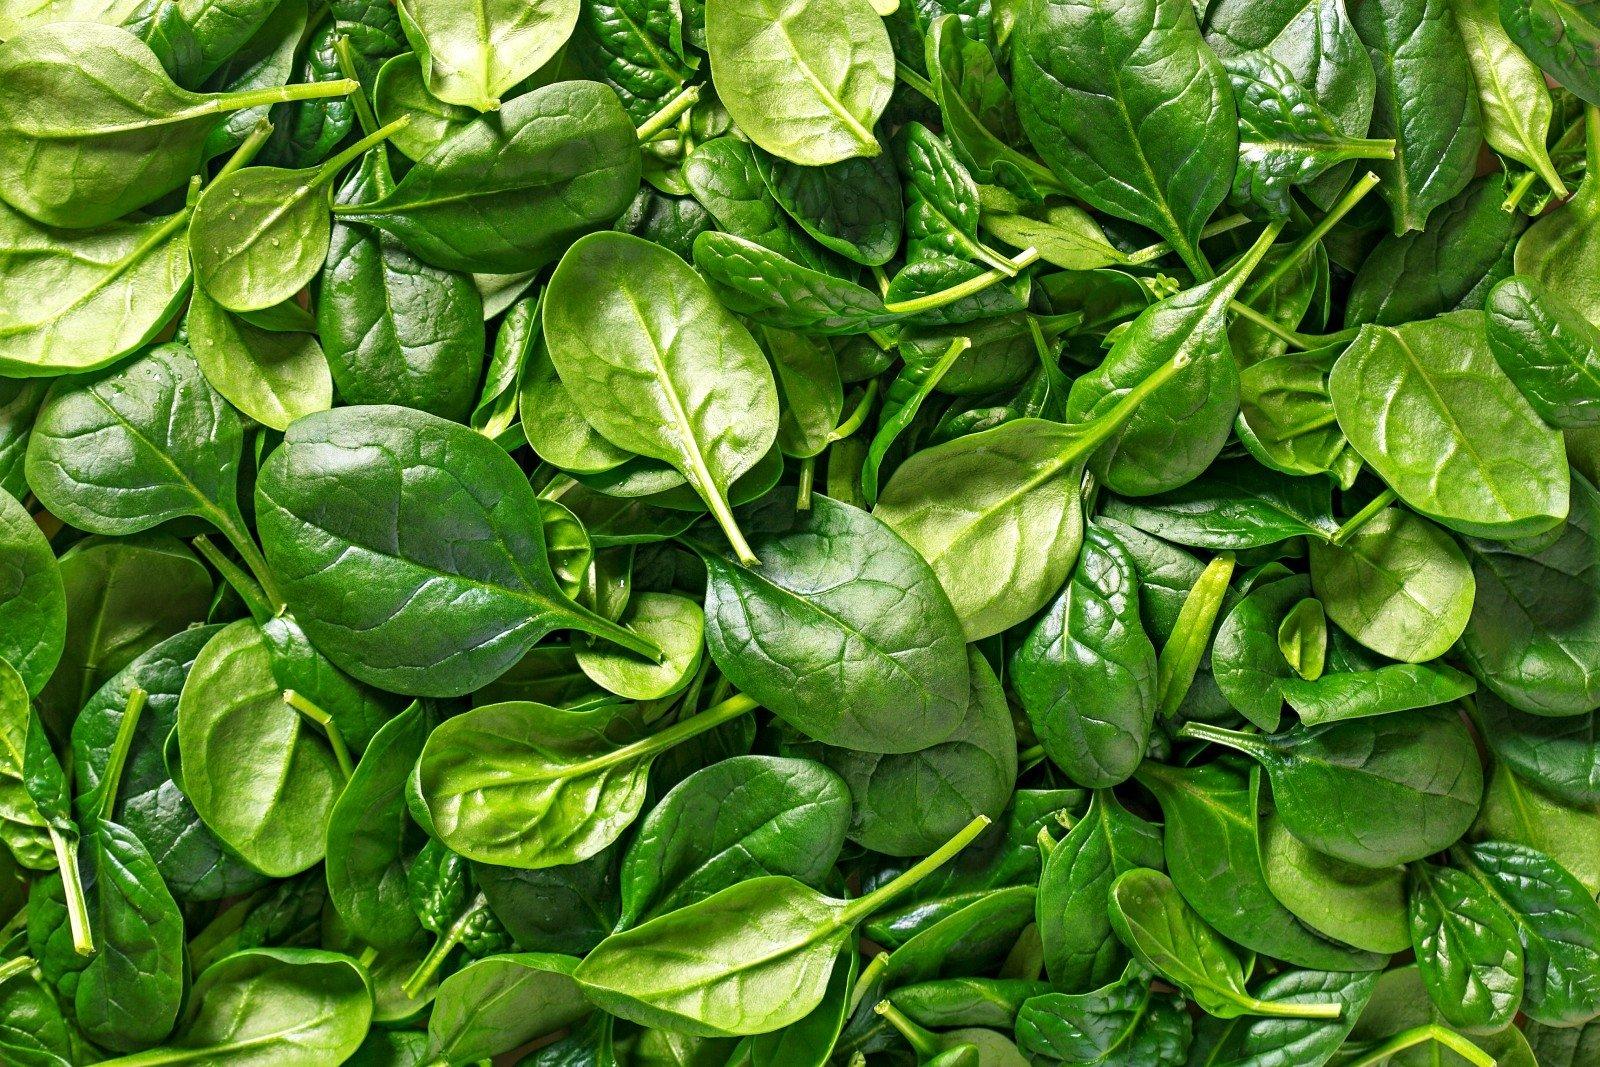 Dabar geriausias metas valgyti špinatus: šios daržovės negalite atsisakyti - DELFI Sveikata